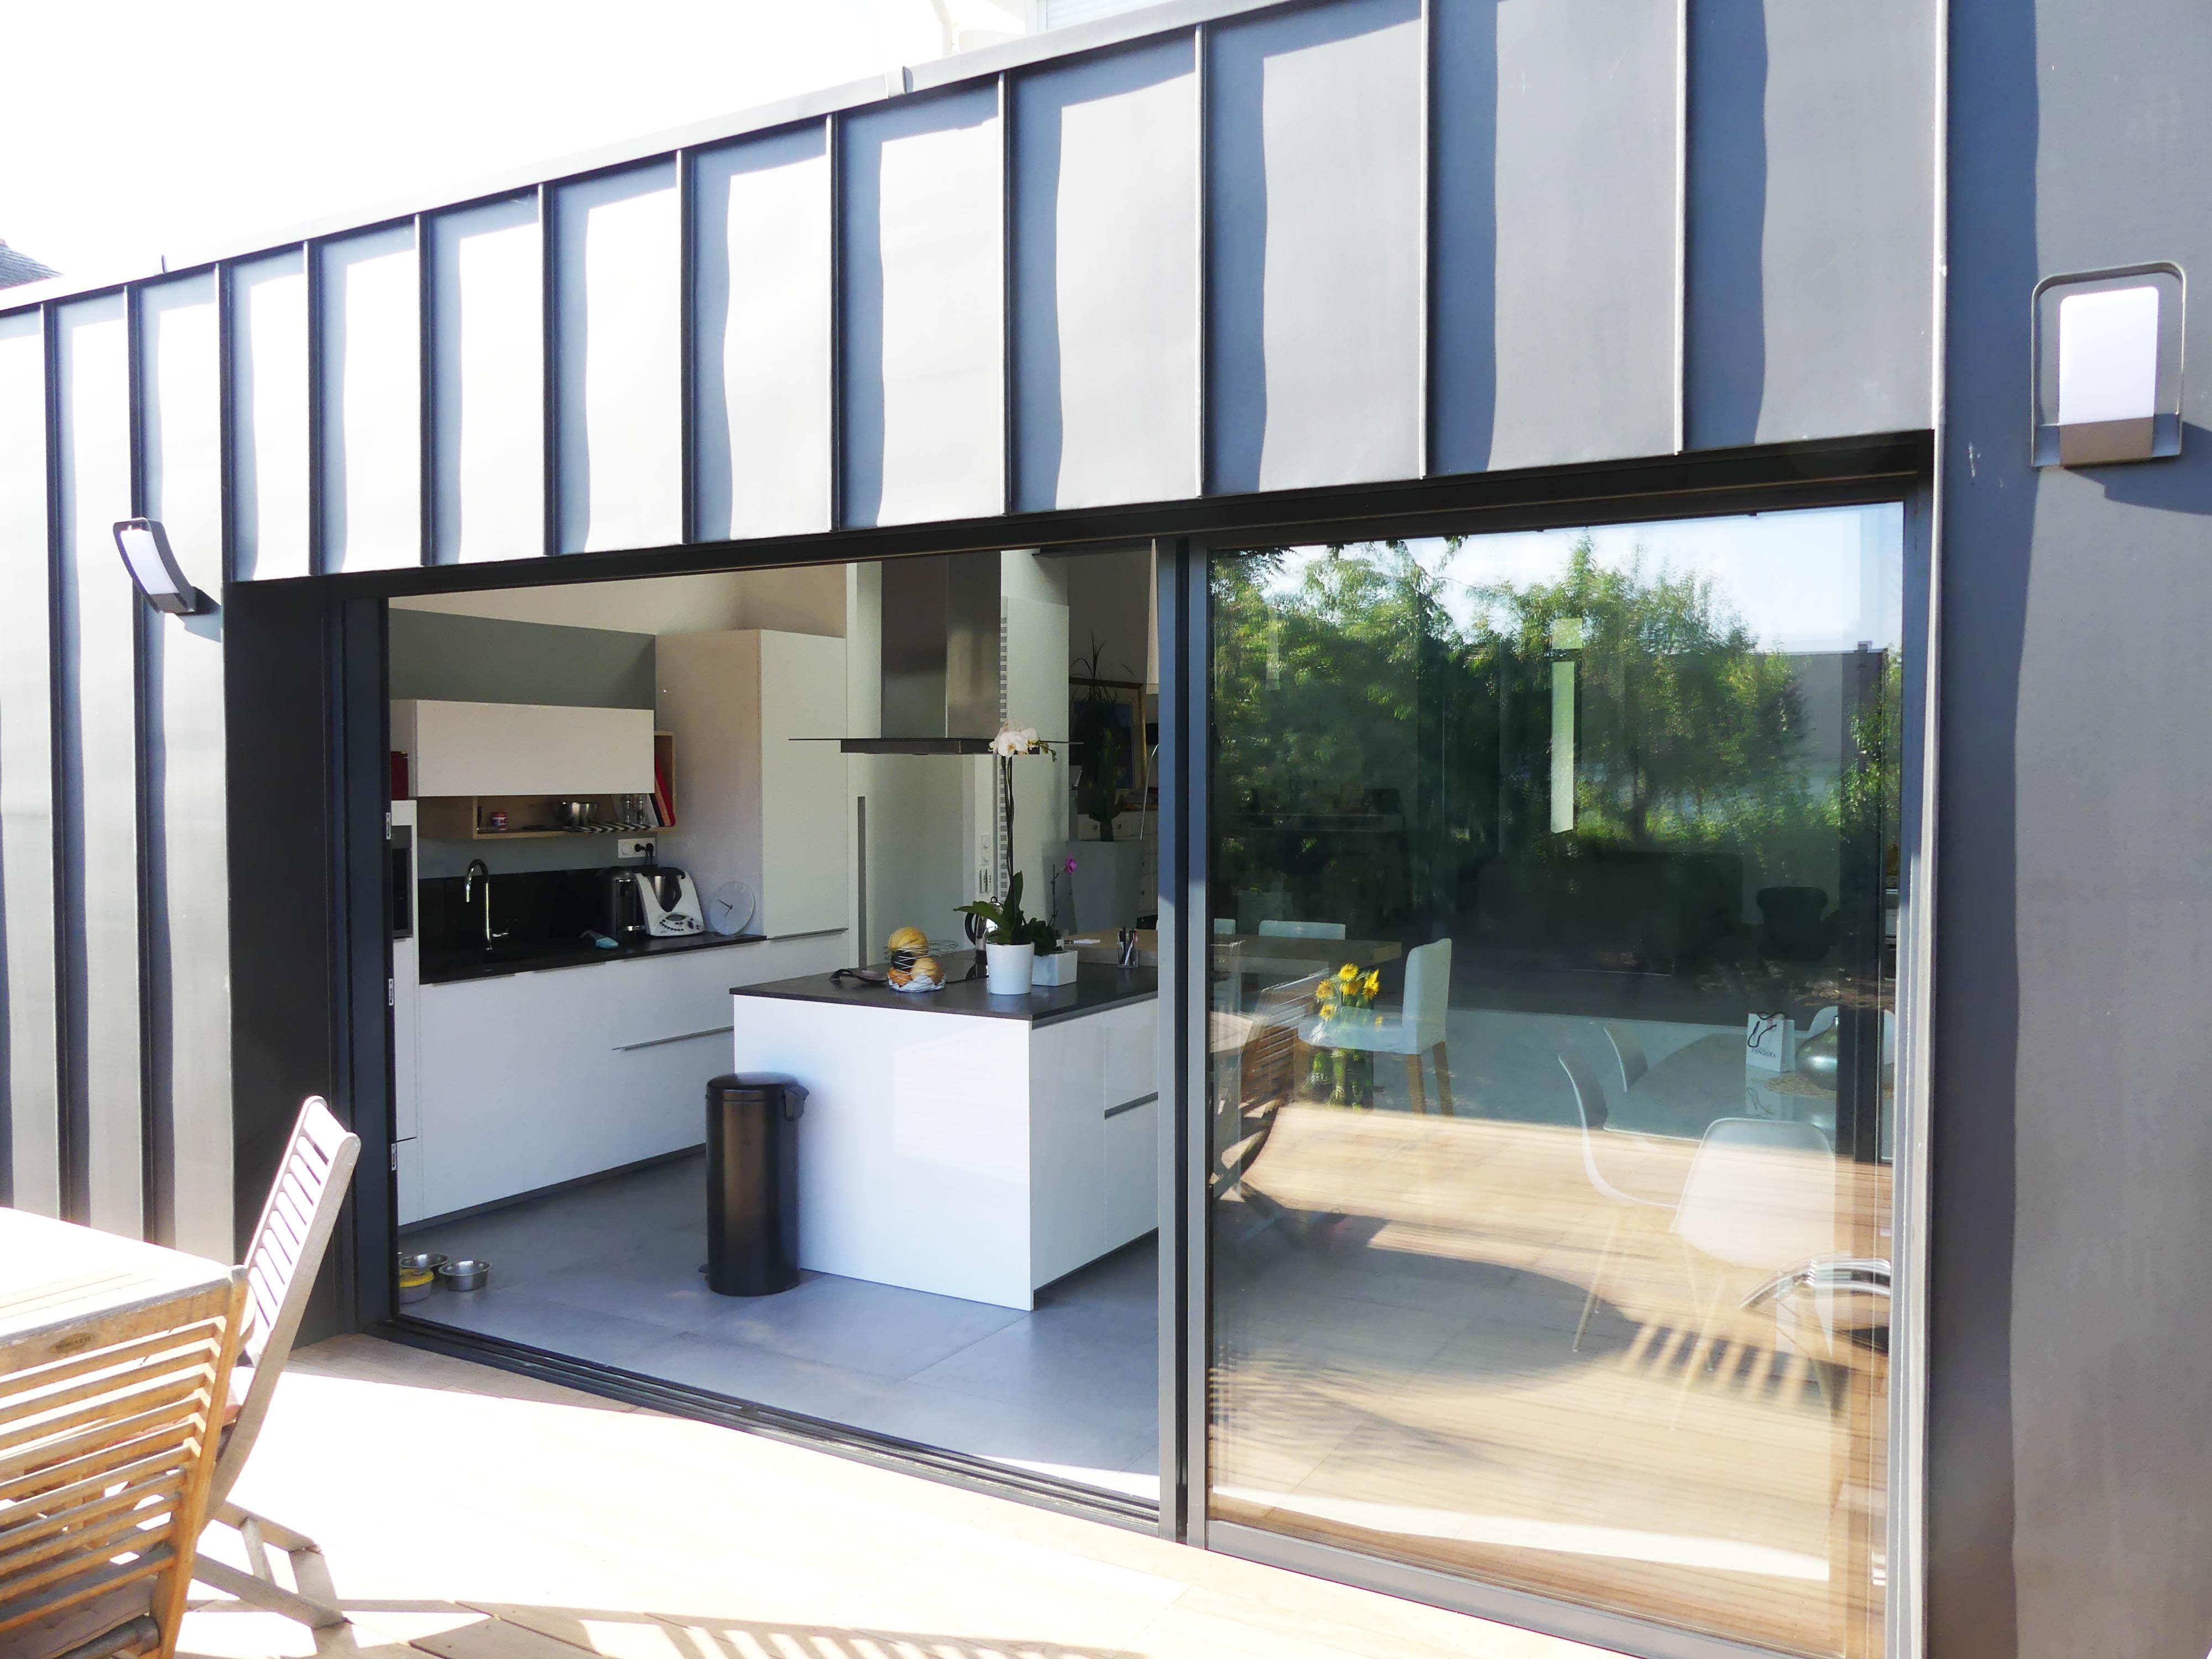 Rénovation maison avec extension zinc et terrasse bois, à Angers